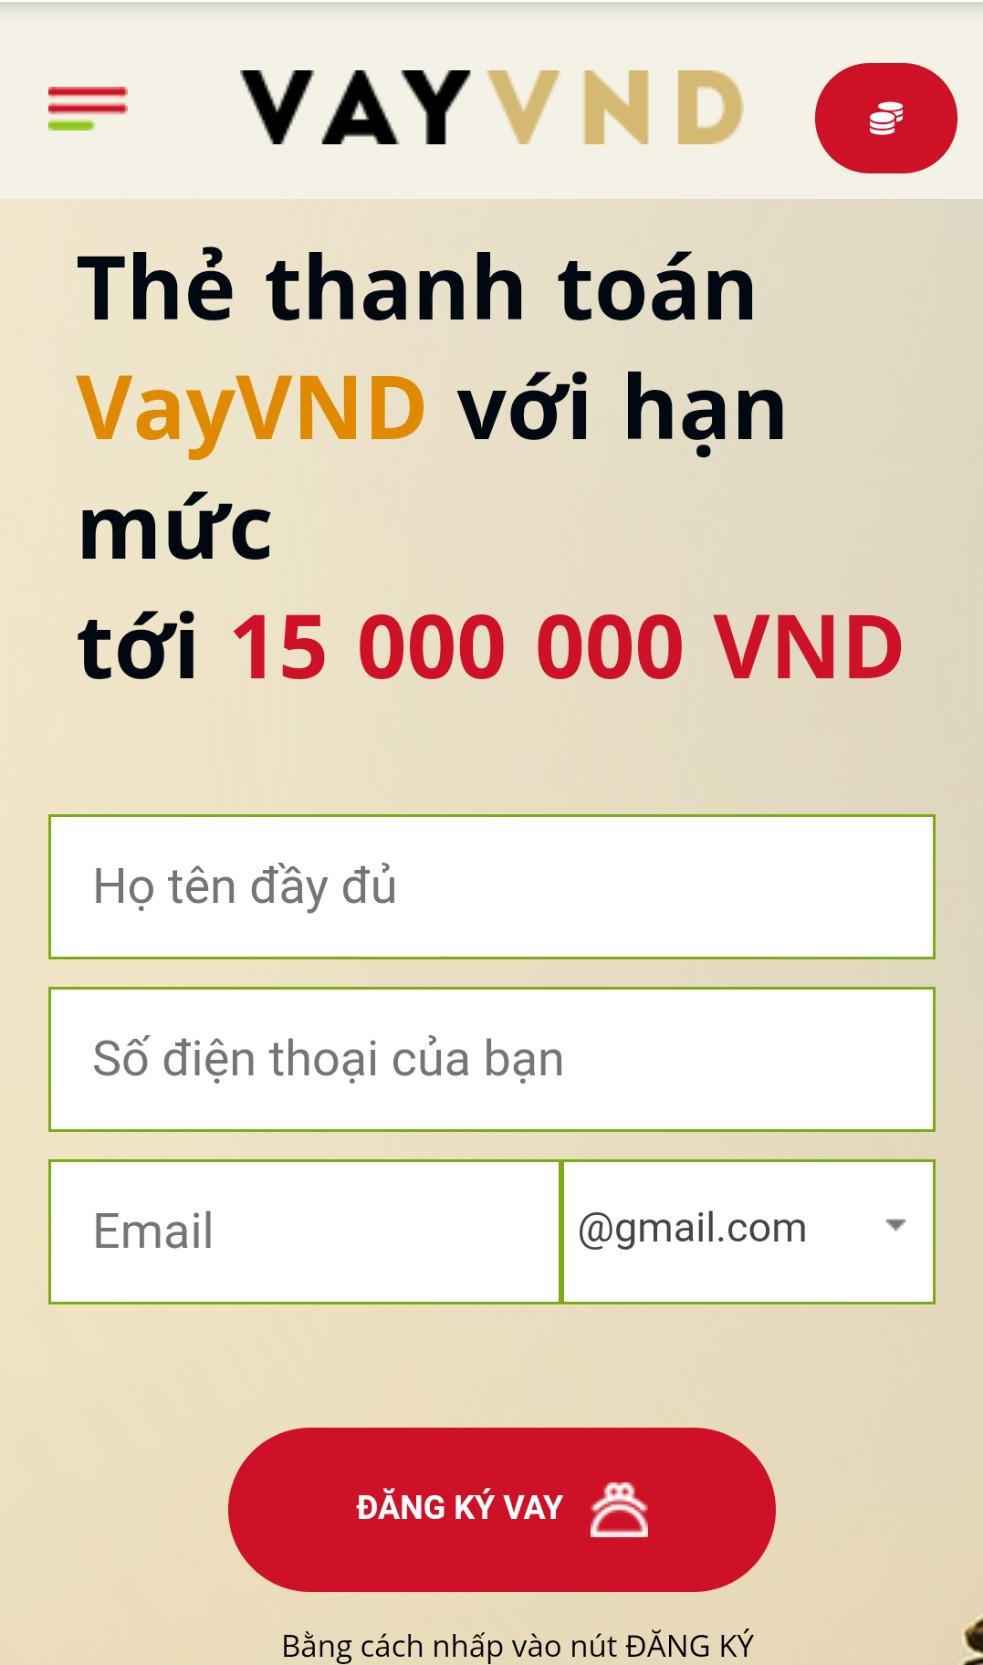 Đăng ký vay tiền VayVND